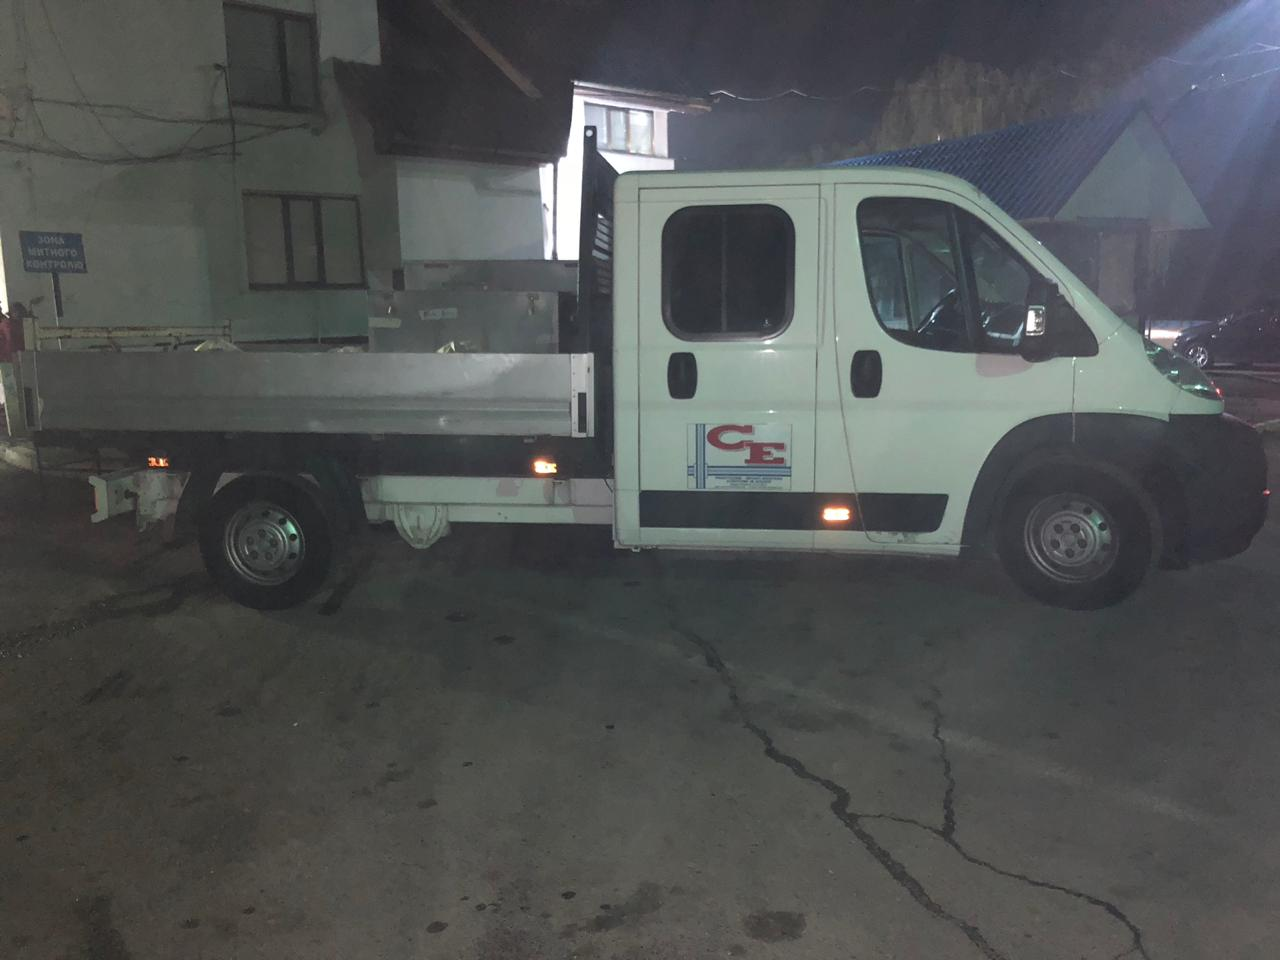 Викрадену в Бельгії вантажівку затримали прикордонники Мукачівського загону на Закарпатті